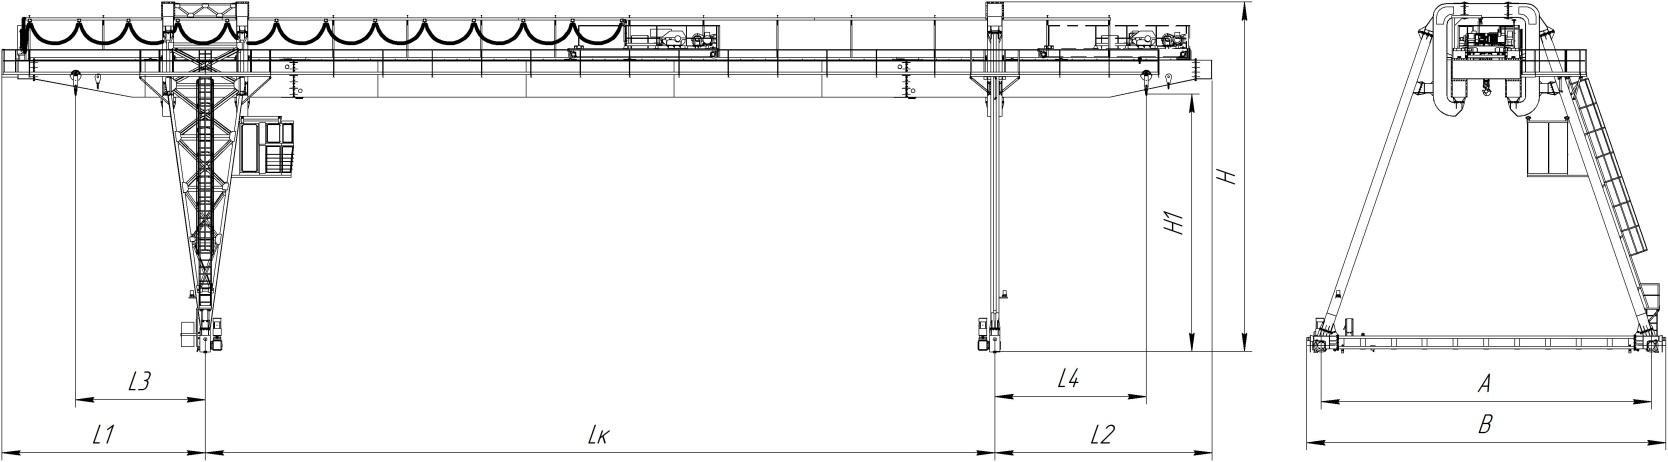 Краны козловые двухбалочные , управление из кабины, режим работы А5